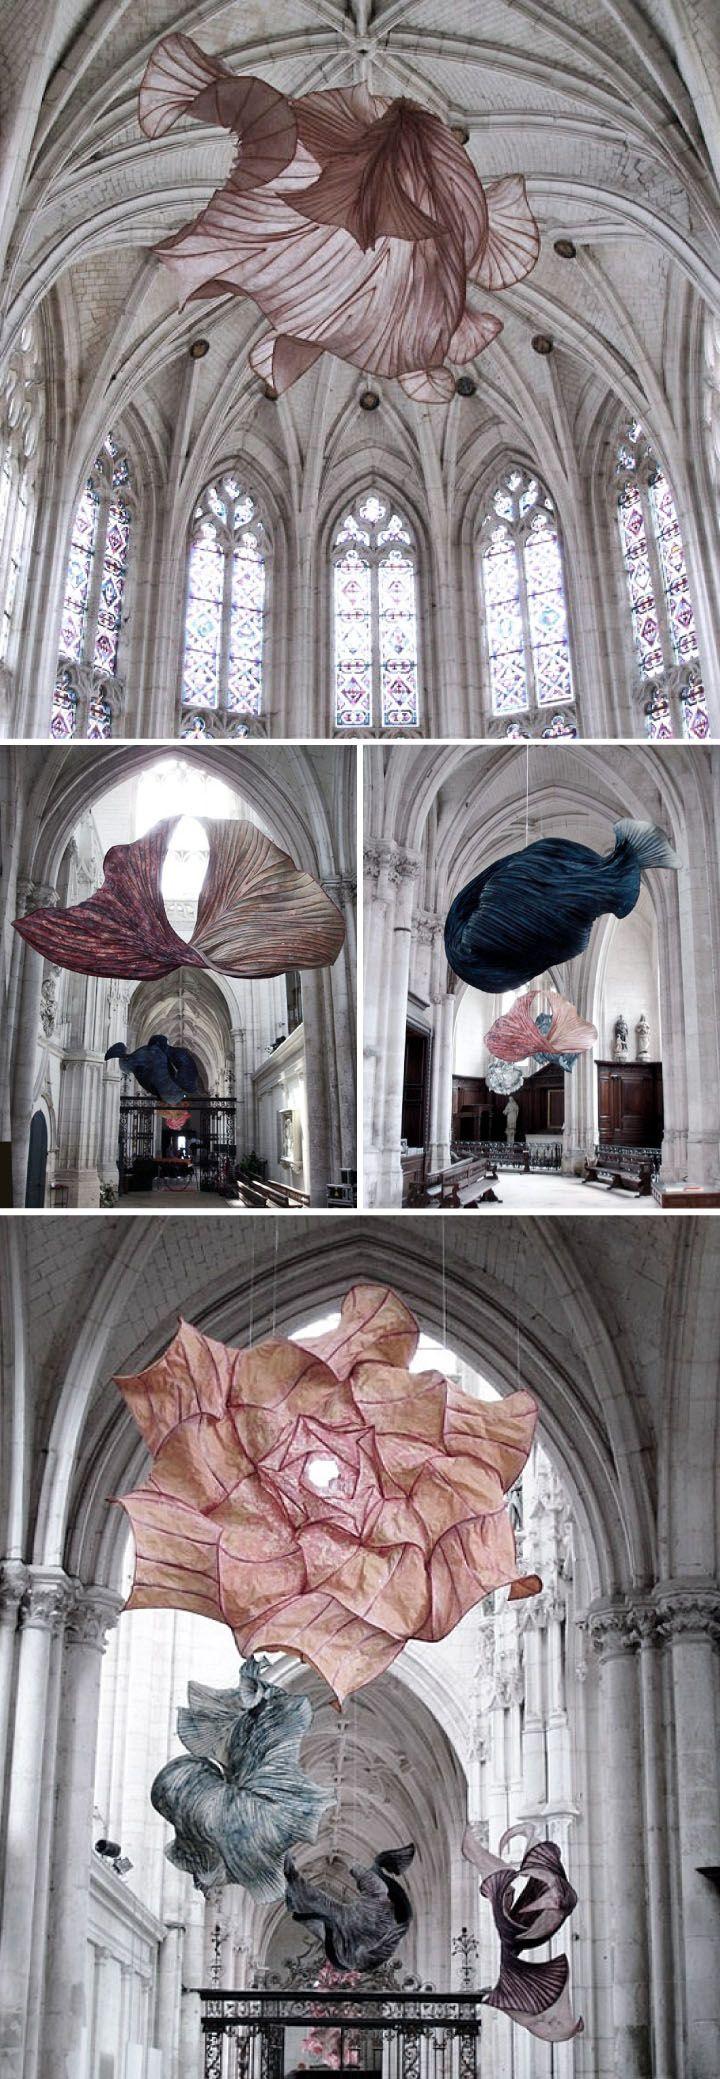 Peter Gentenaar paper & bamboo sculptures                                                                                                                                                                                 More